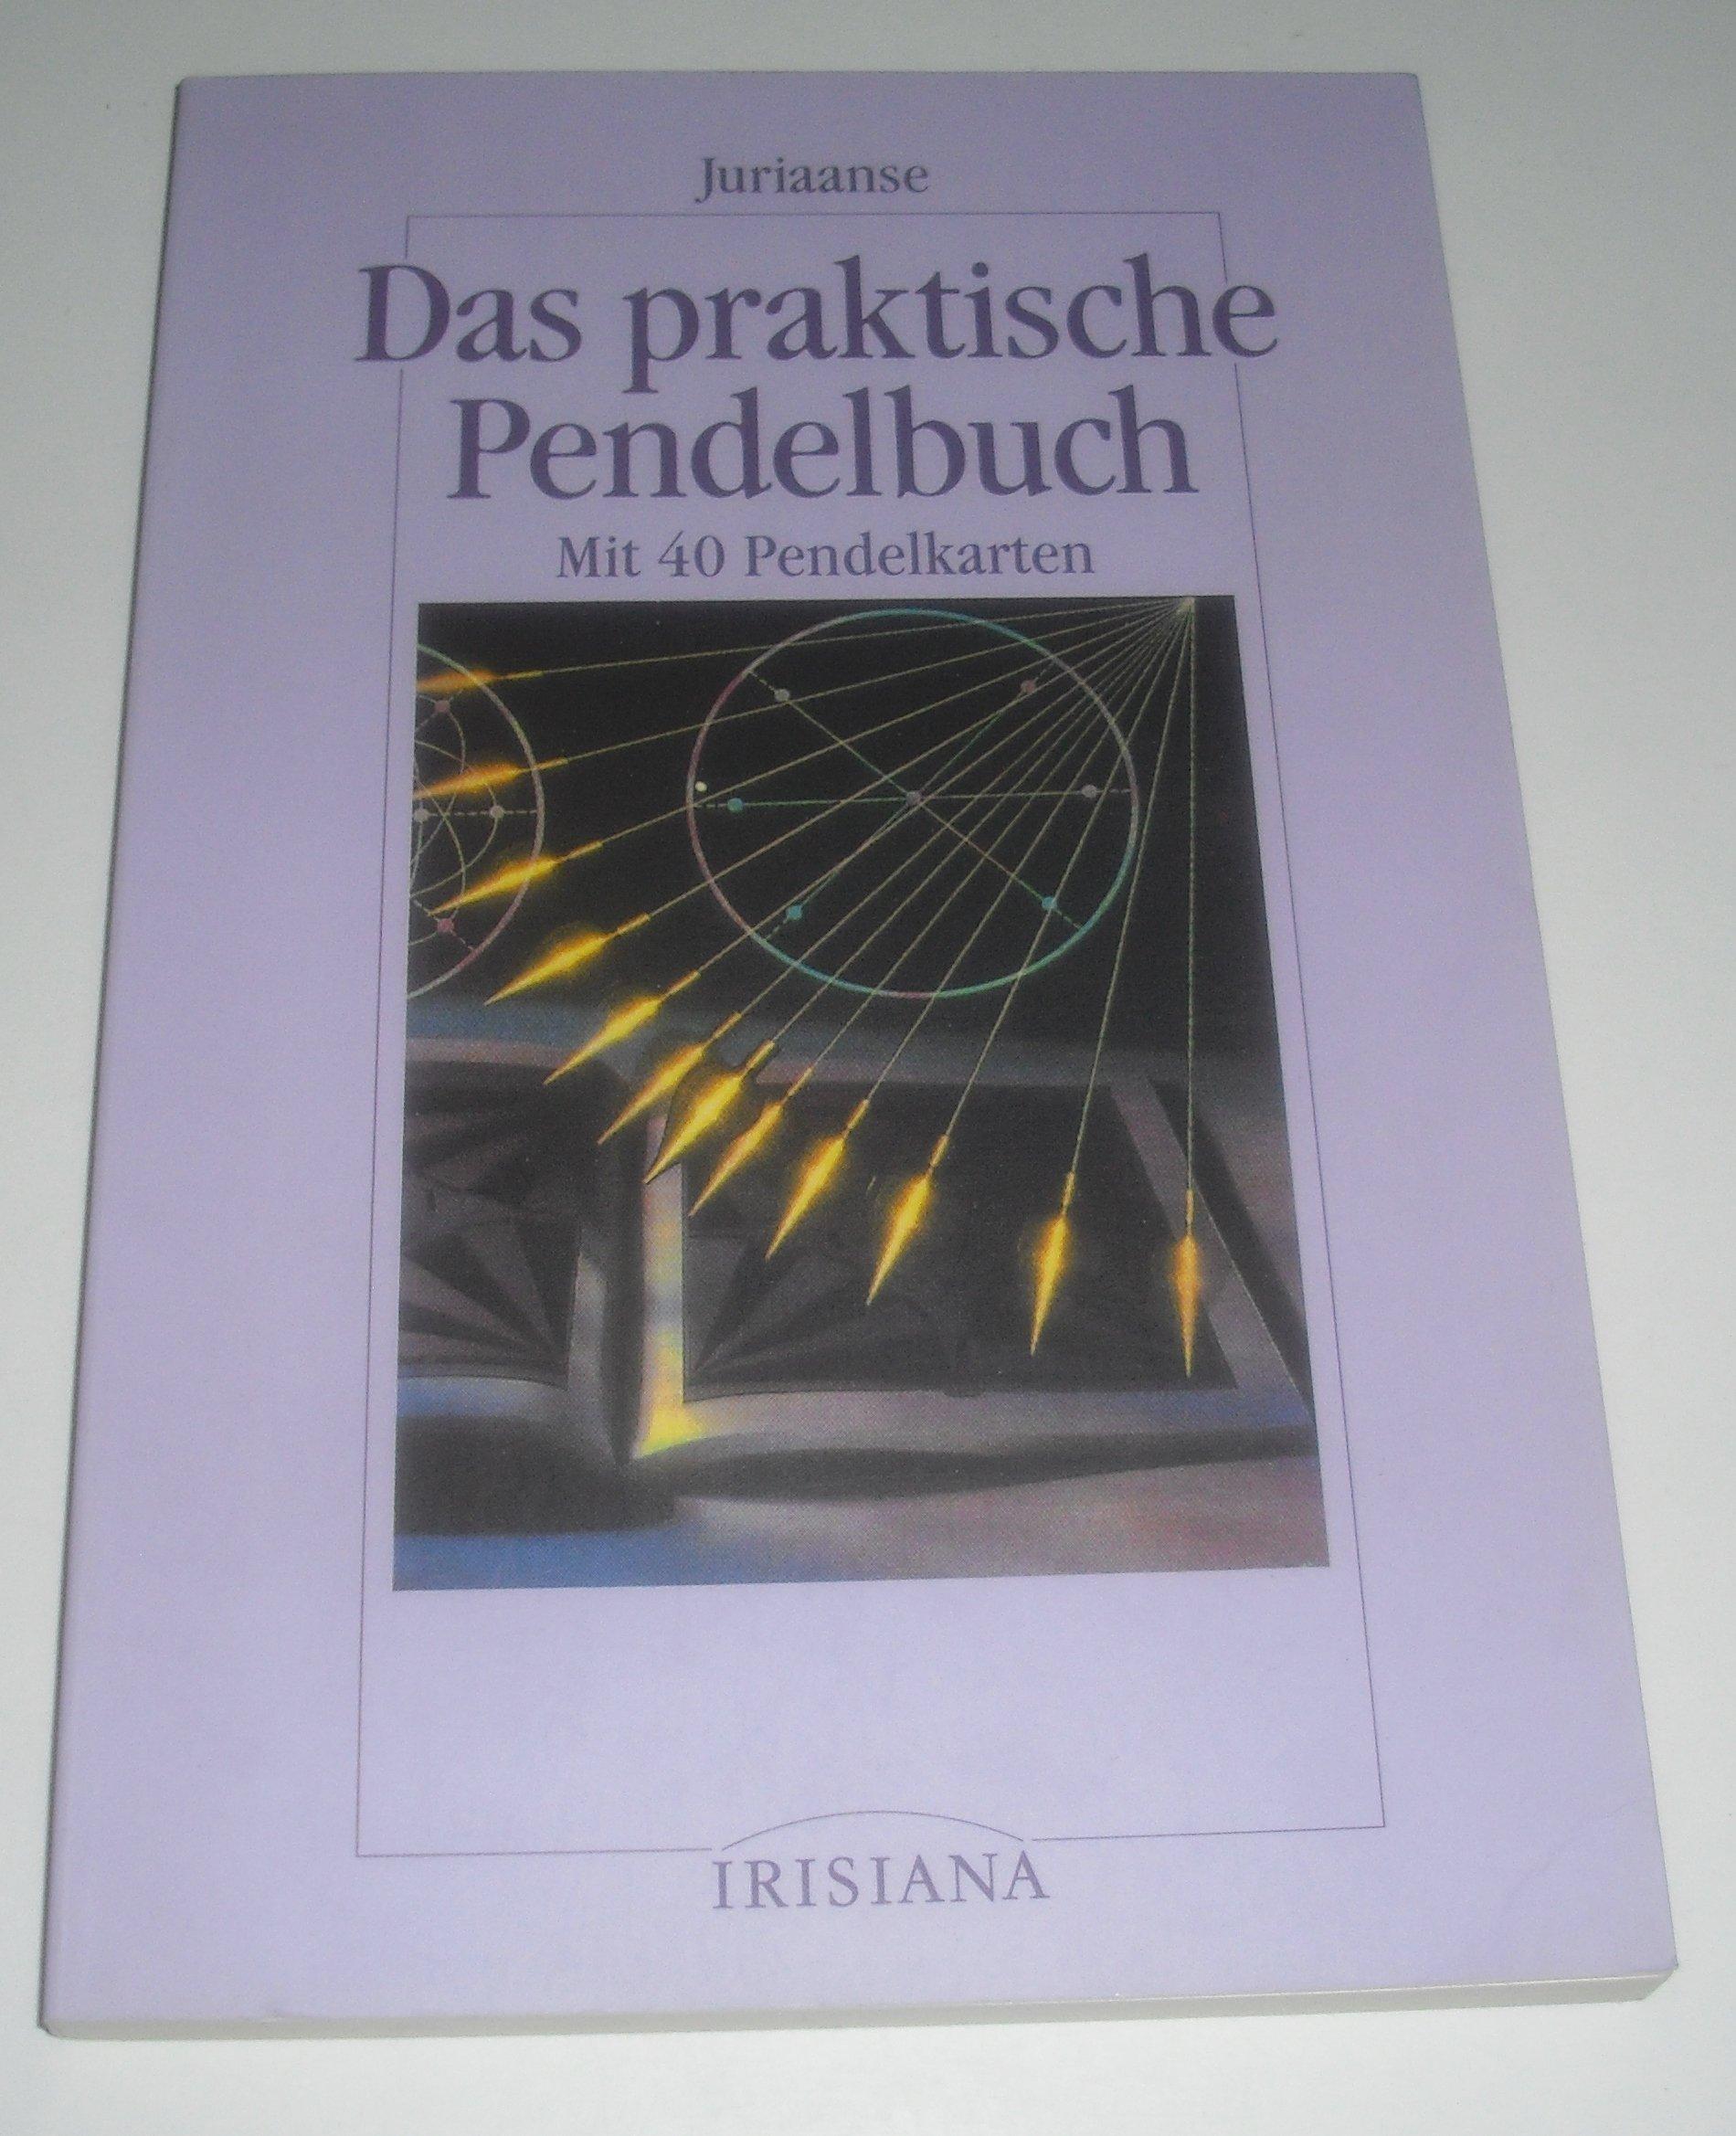 Das praktische Pendelbuch